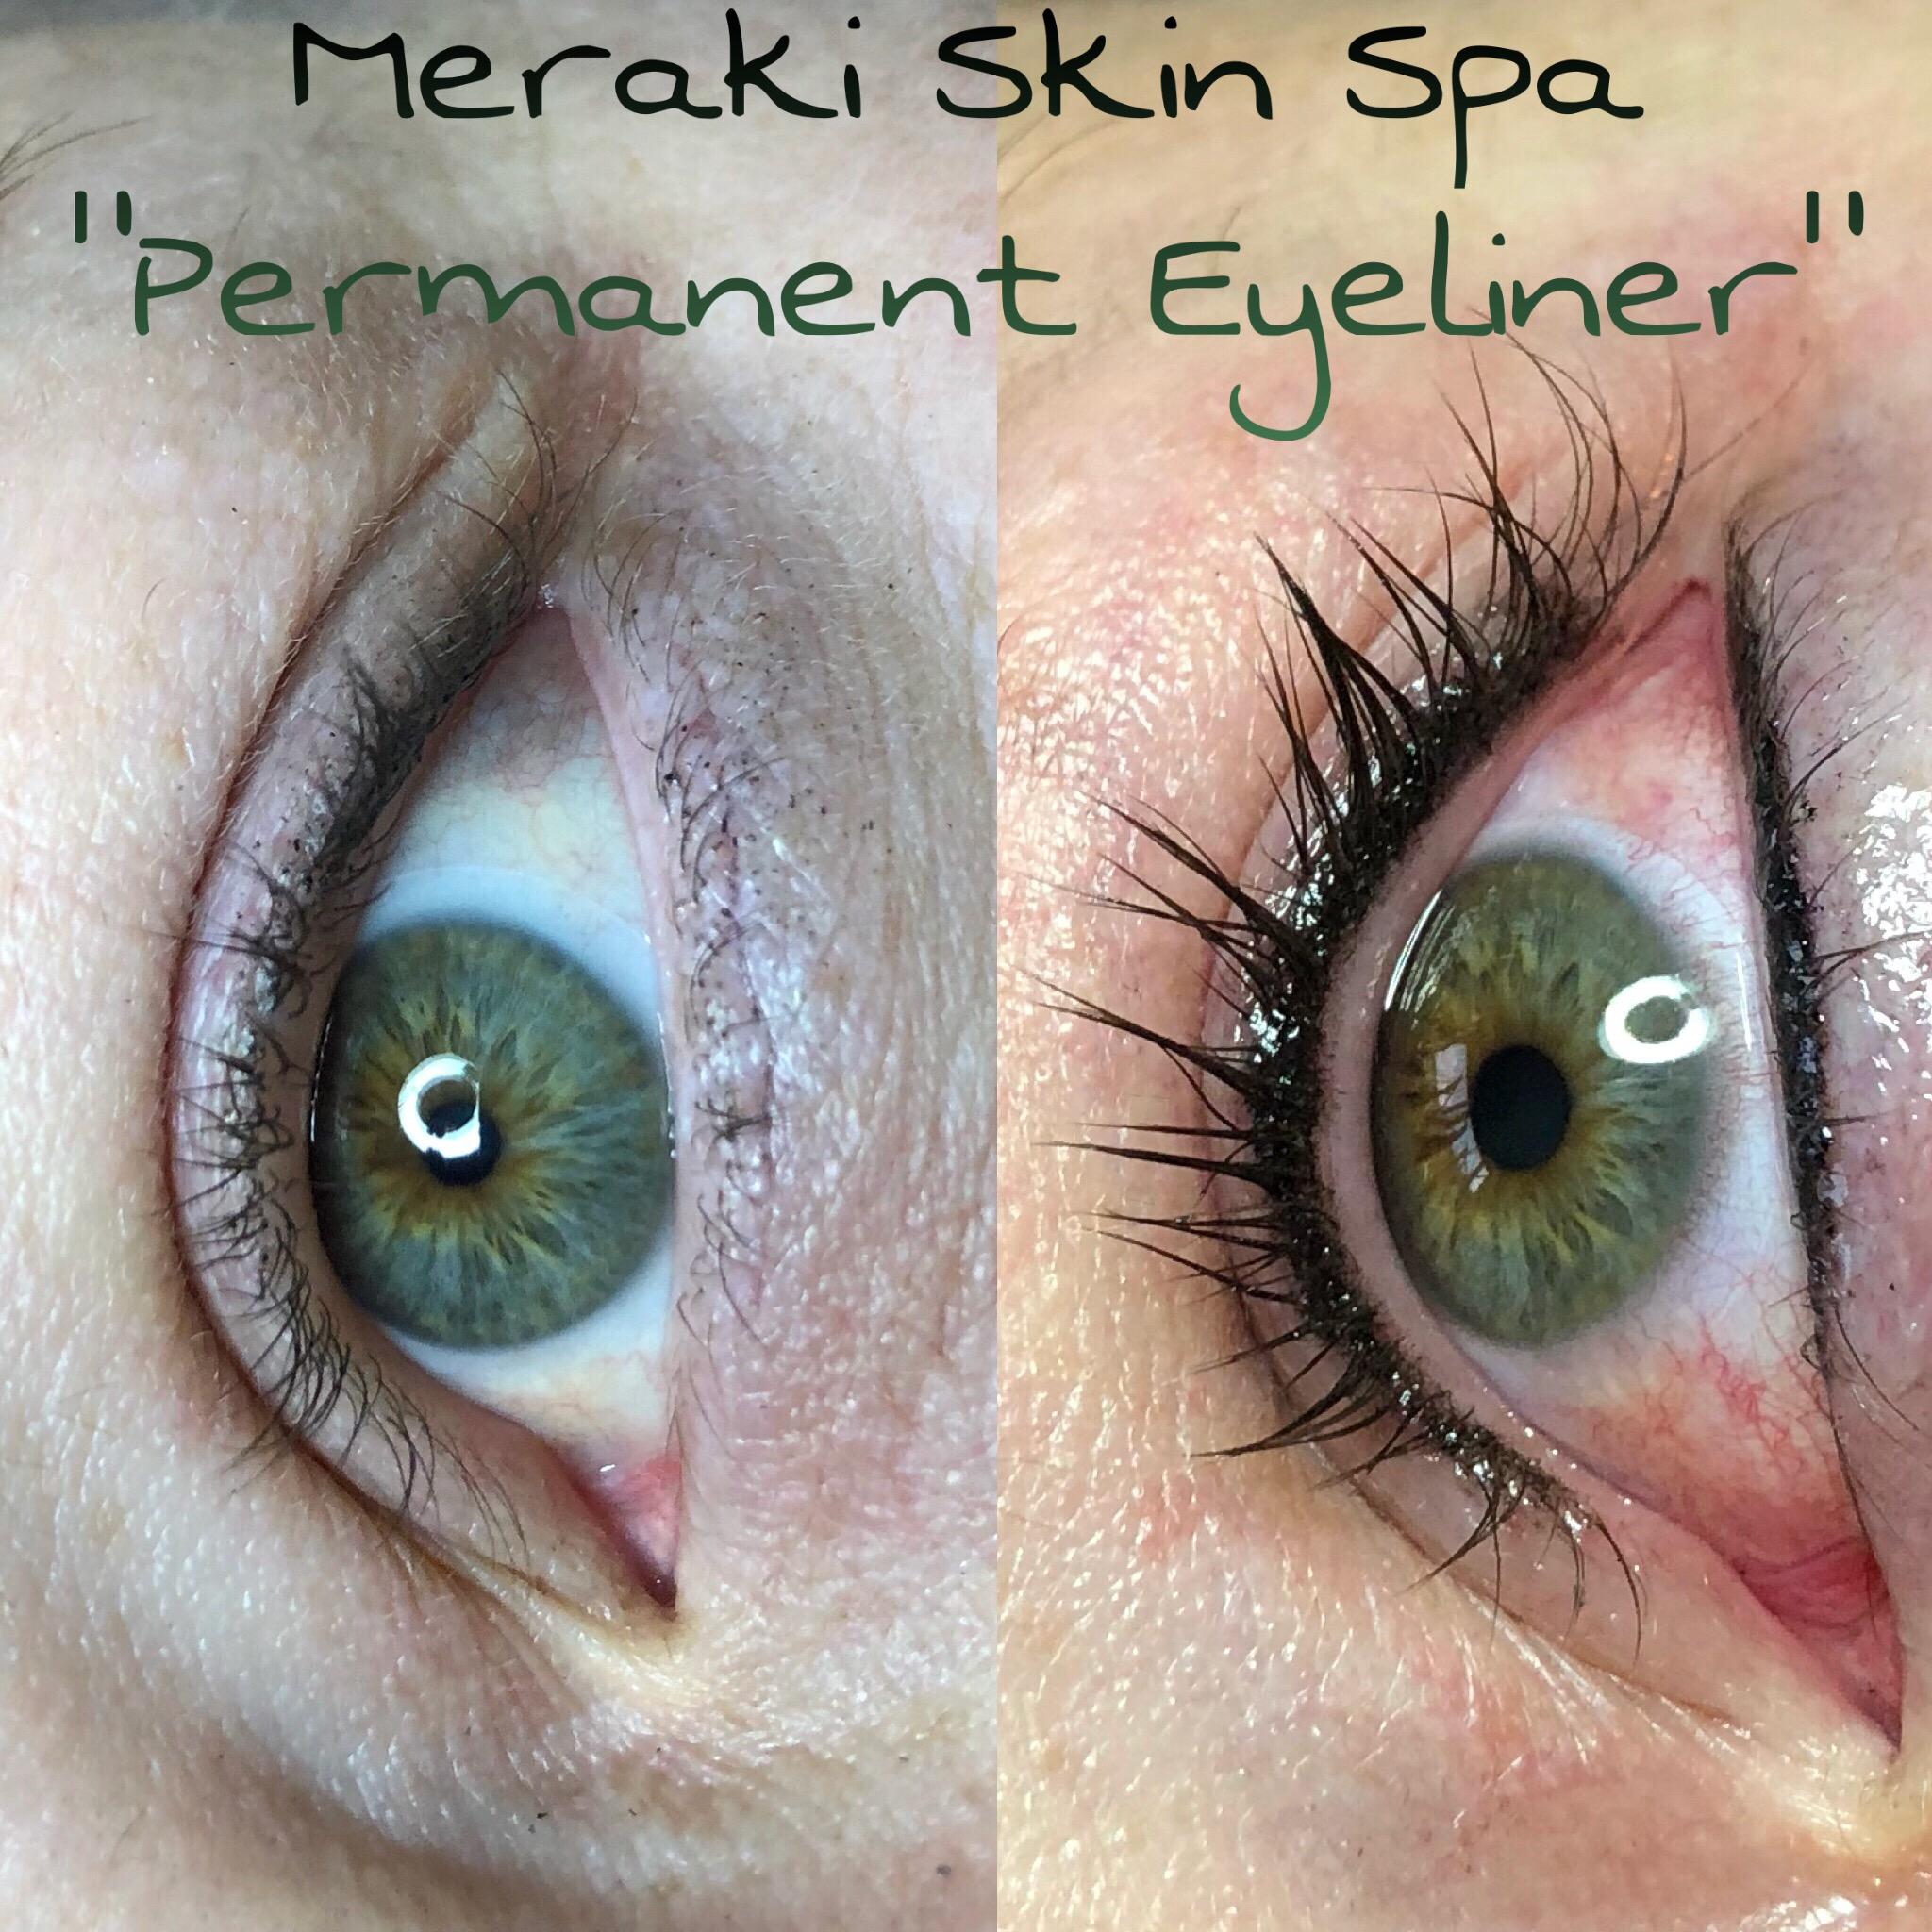 alt text meridian Idaho permanent eyeliner